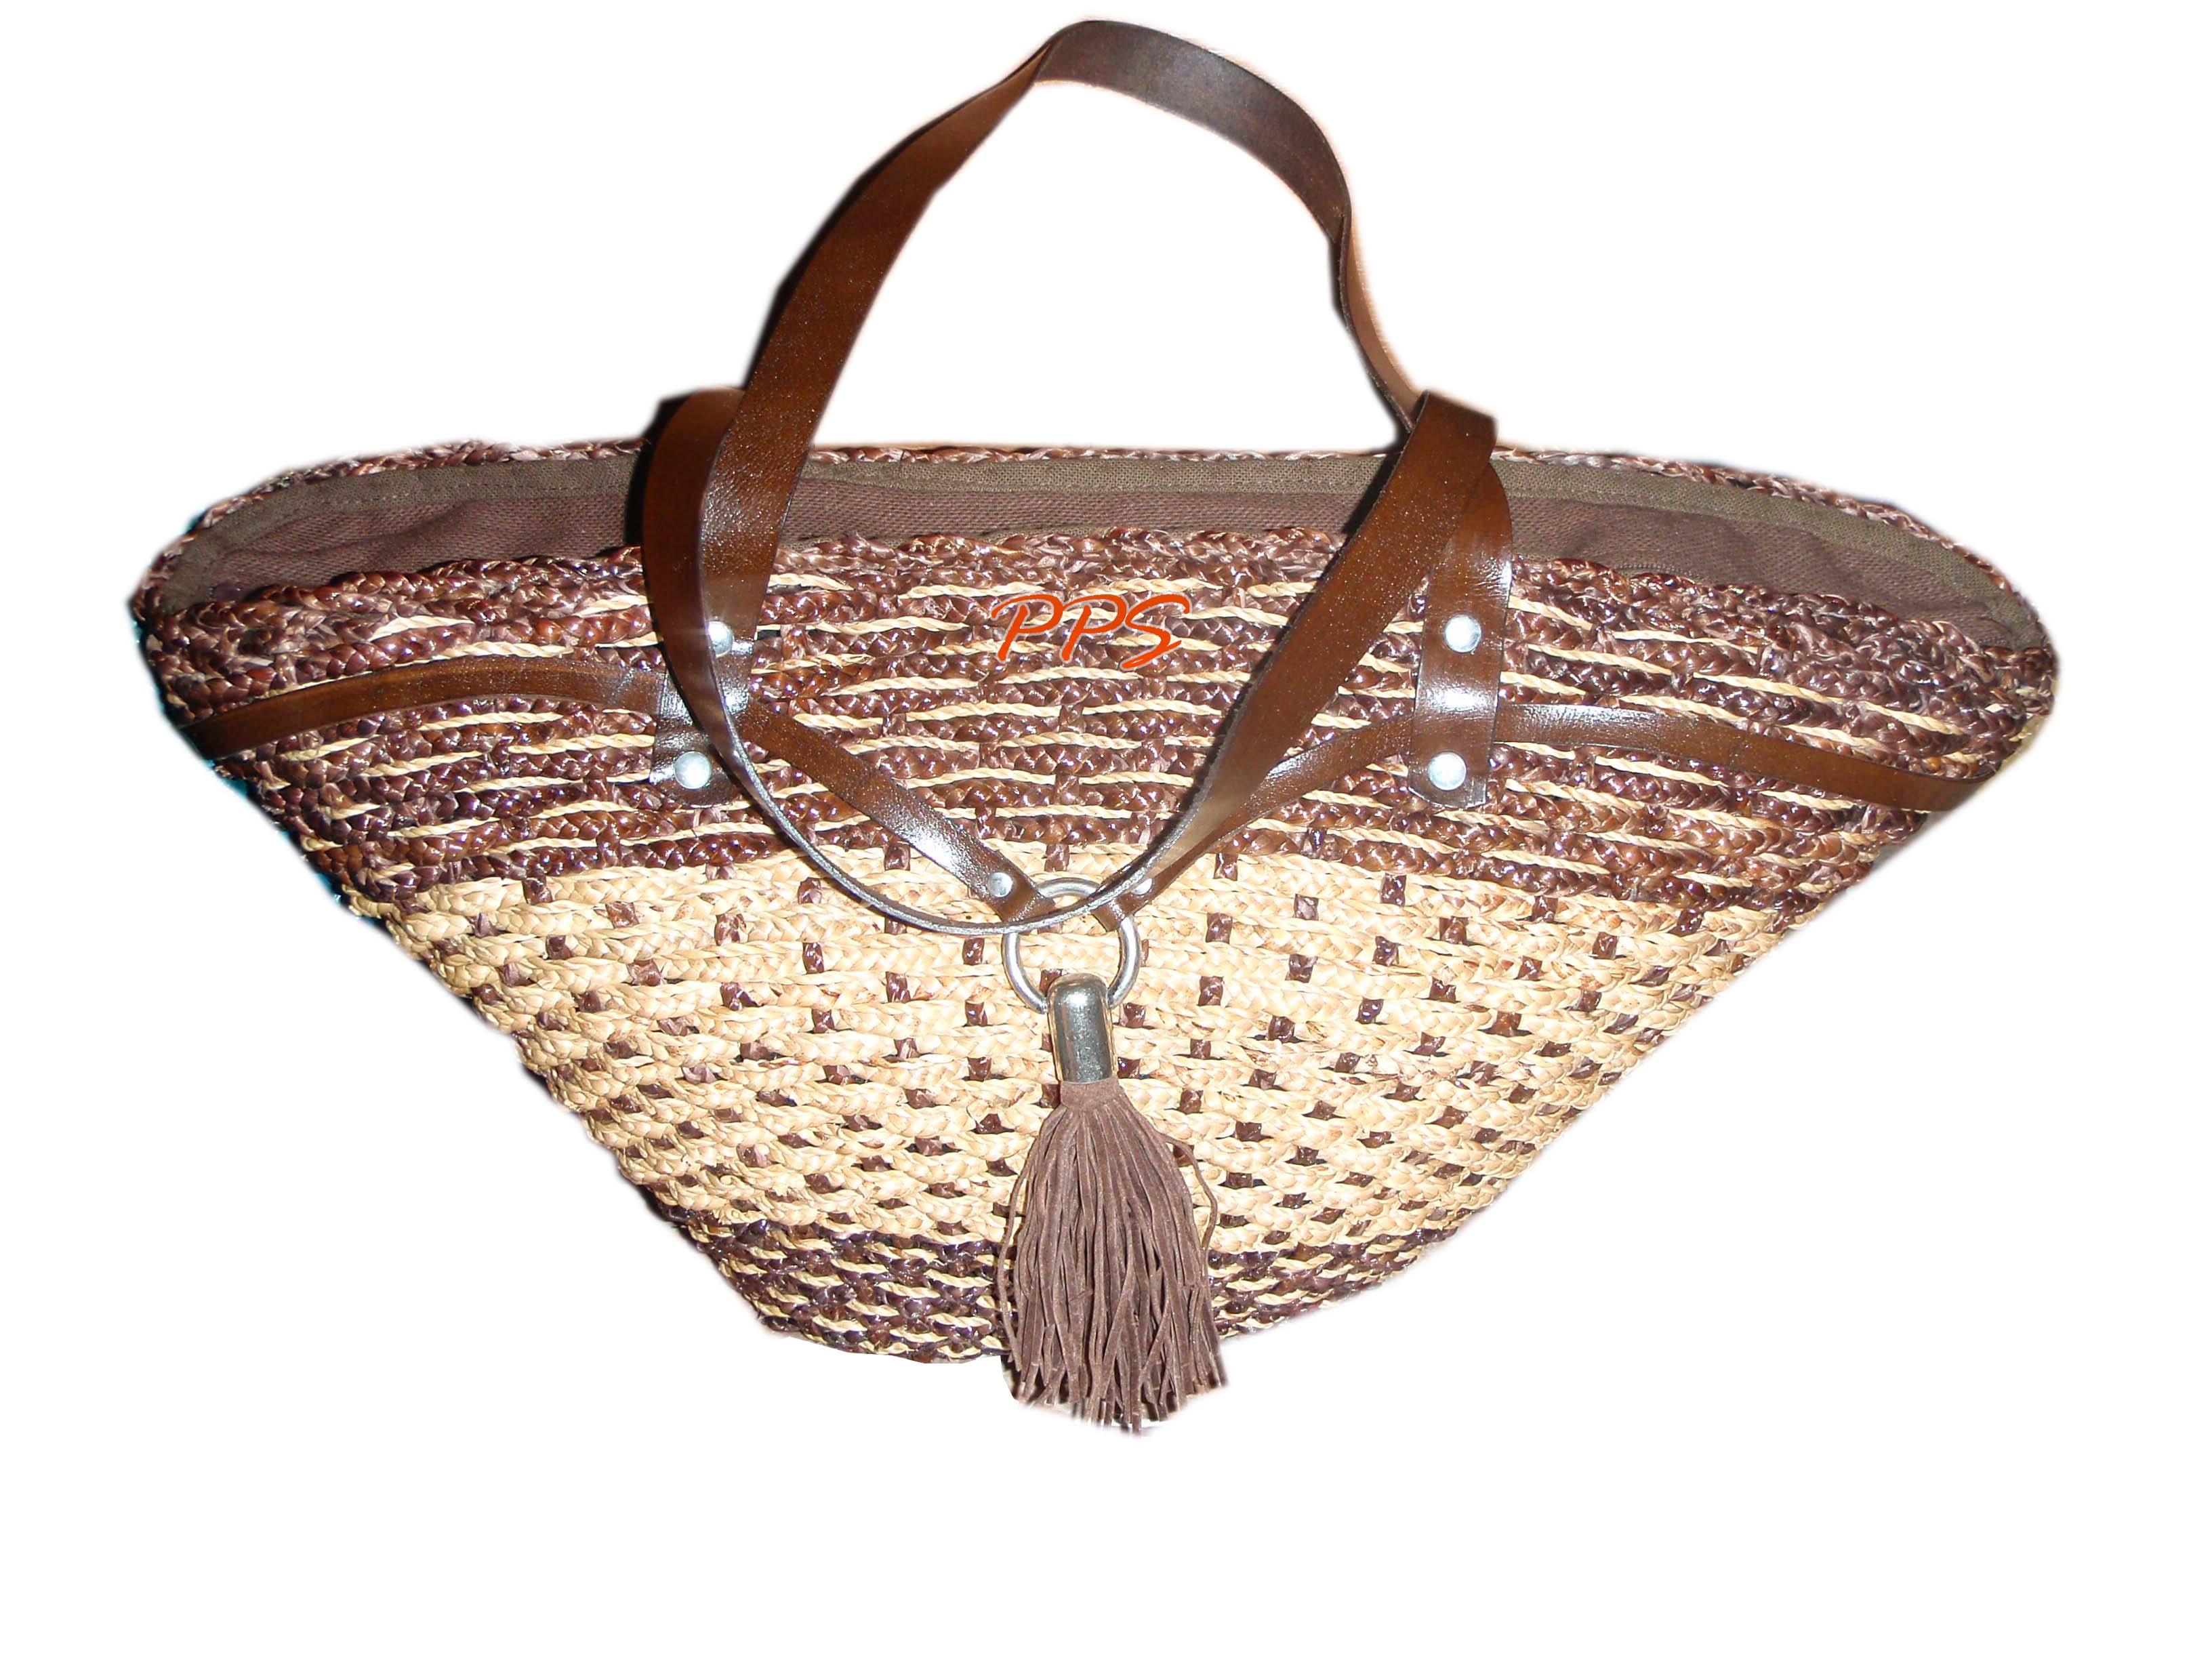 Hyacinth Bag-PPS Bag brand32